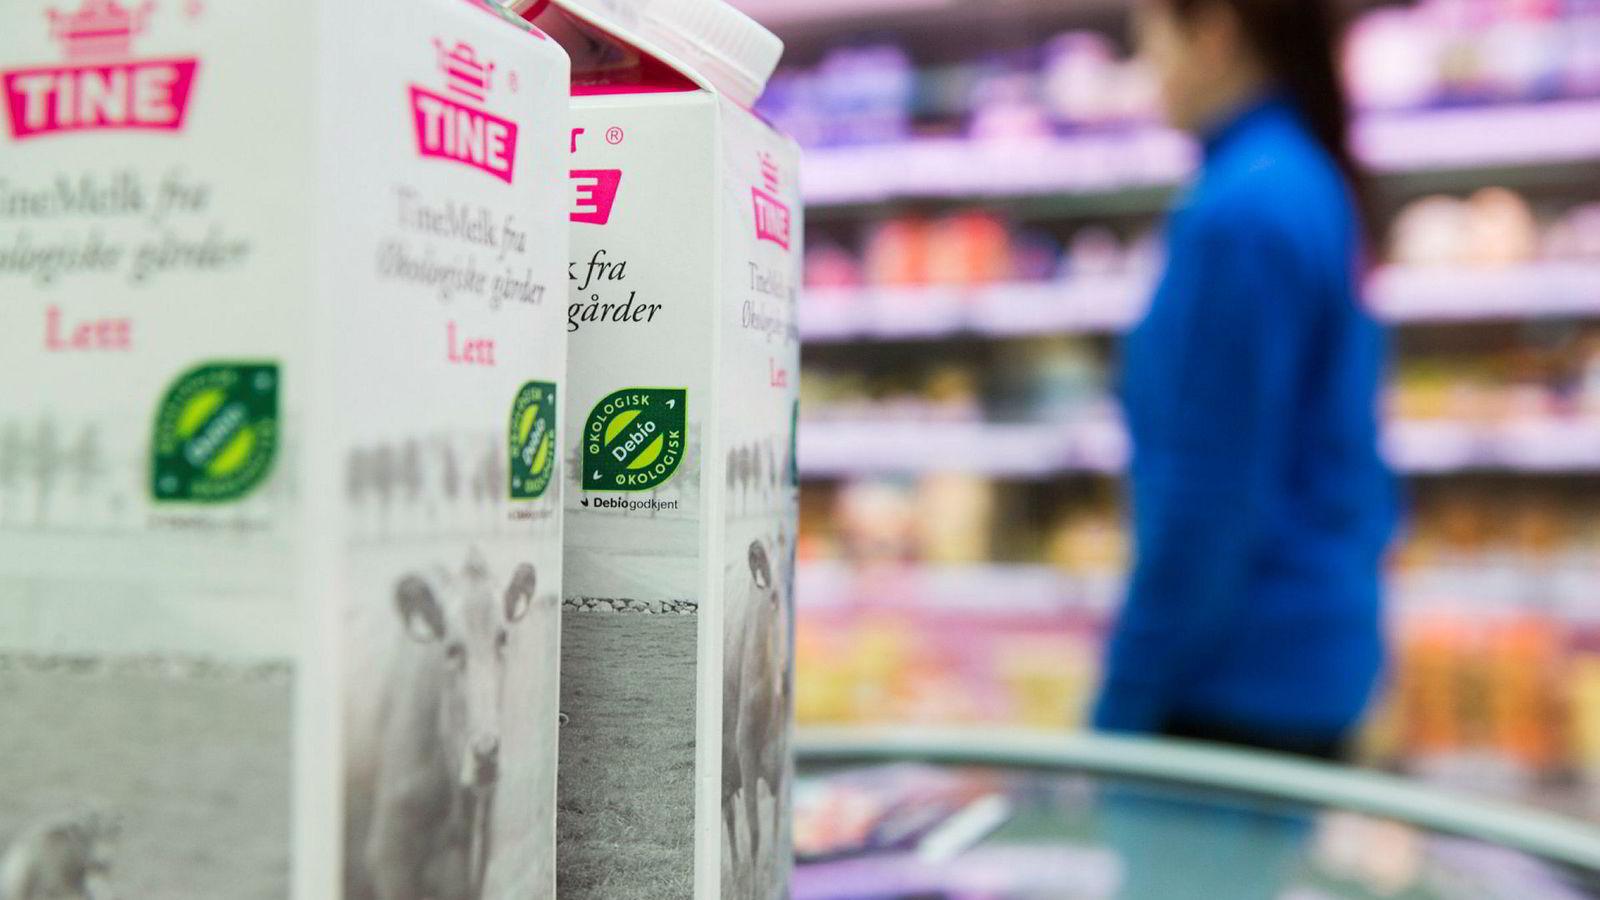 Tine får ikke lov til å kalle seg Norges mest bærekraftige selskap, ifølge Forbrukertilsynet.